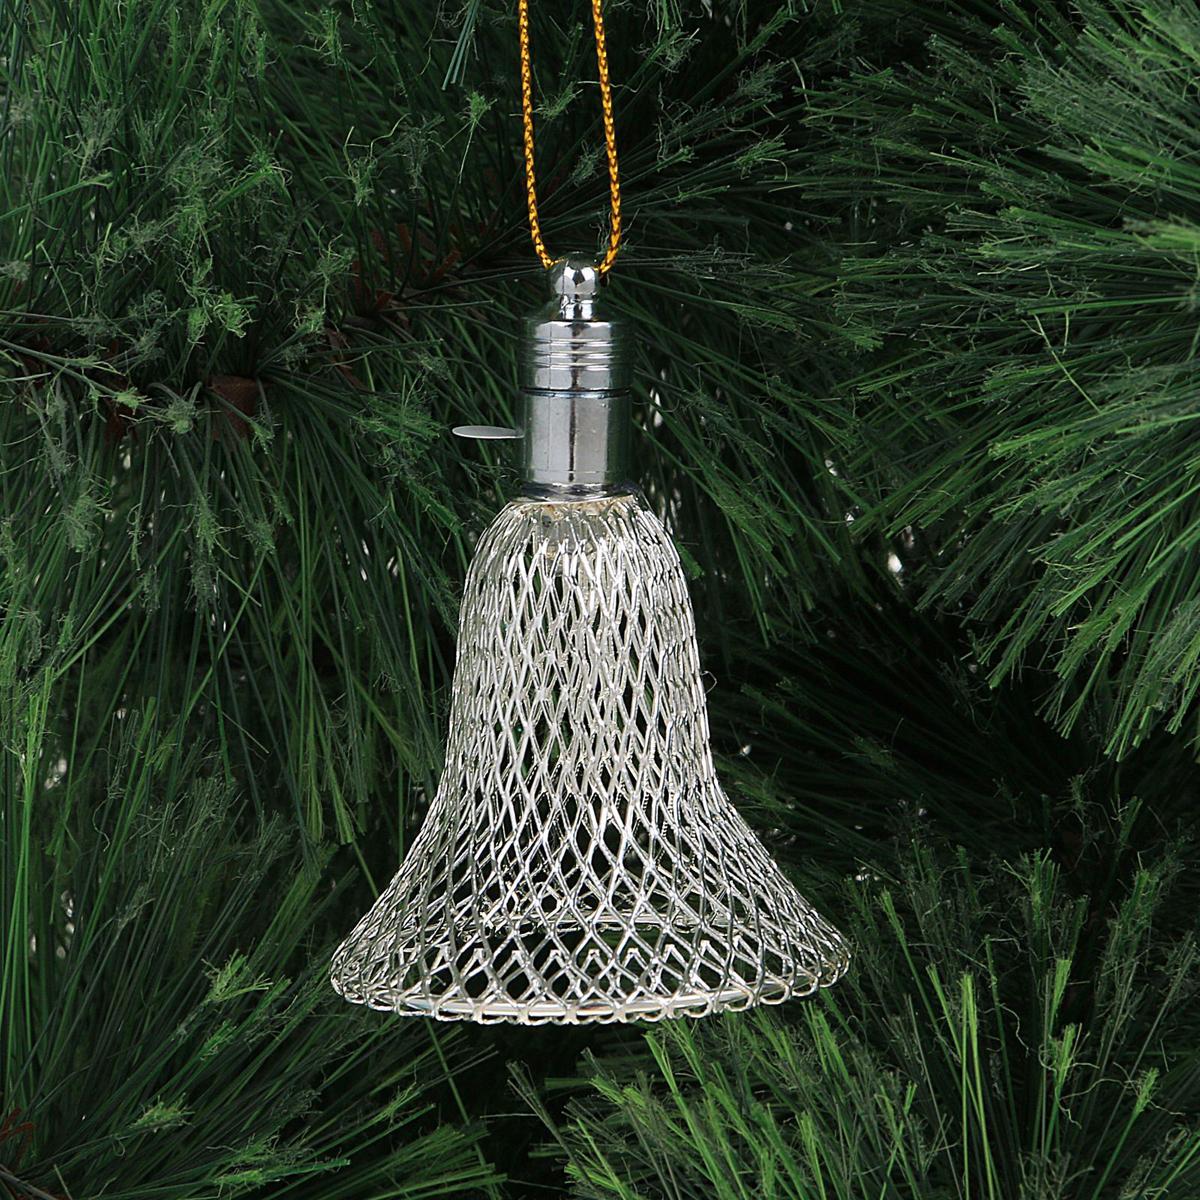 Подвеска новогодняя Luazon Lighting Колокольчик, световая, цвет: серебристый, длина 7 см2327193Световая новогодняя подвеска Luazon Lighting Колокольчик выполнена из металла в виде объемного колокольчика. Елочное украшение выглядит как простая елочная игрушка днем, но при этом остается видимой вечером. Просто включите изделие с наступлением темноты, и оно украсит елку огоньками. Подвеска Luazon Lighting Колокольчик работает от батареек (входит в комплект) и пожаробезопасна, так как светодиоды не нагреваются, в отличие от ламп накаливания.